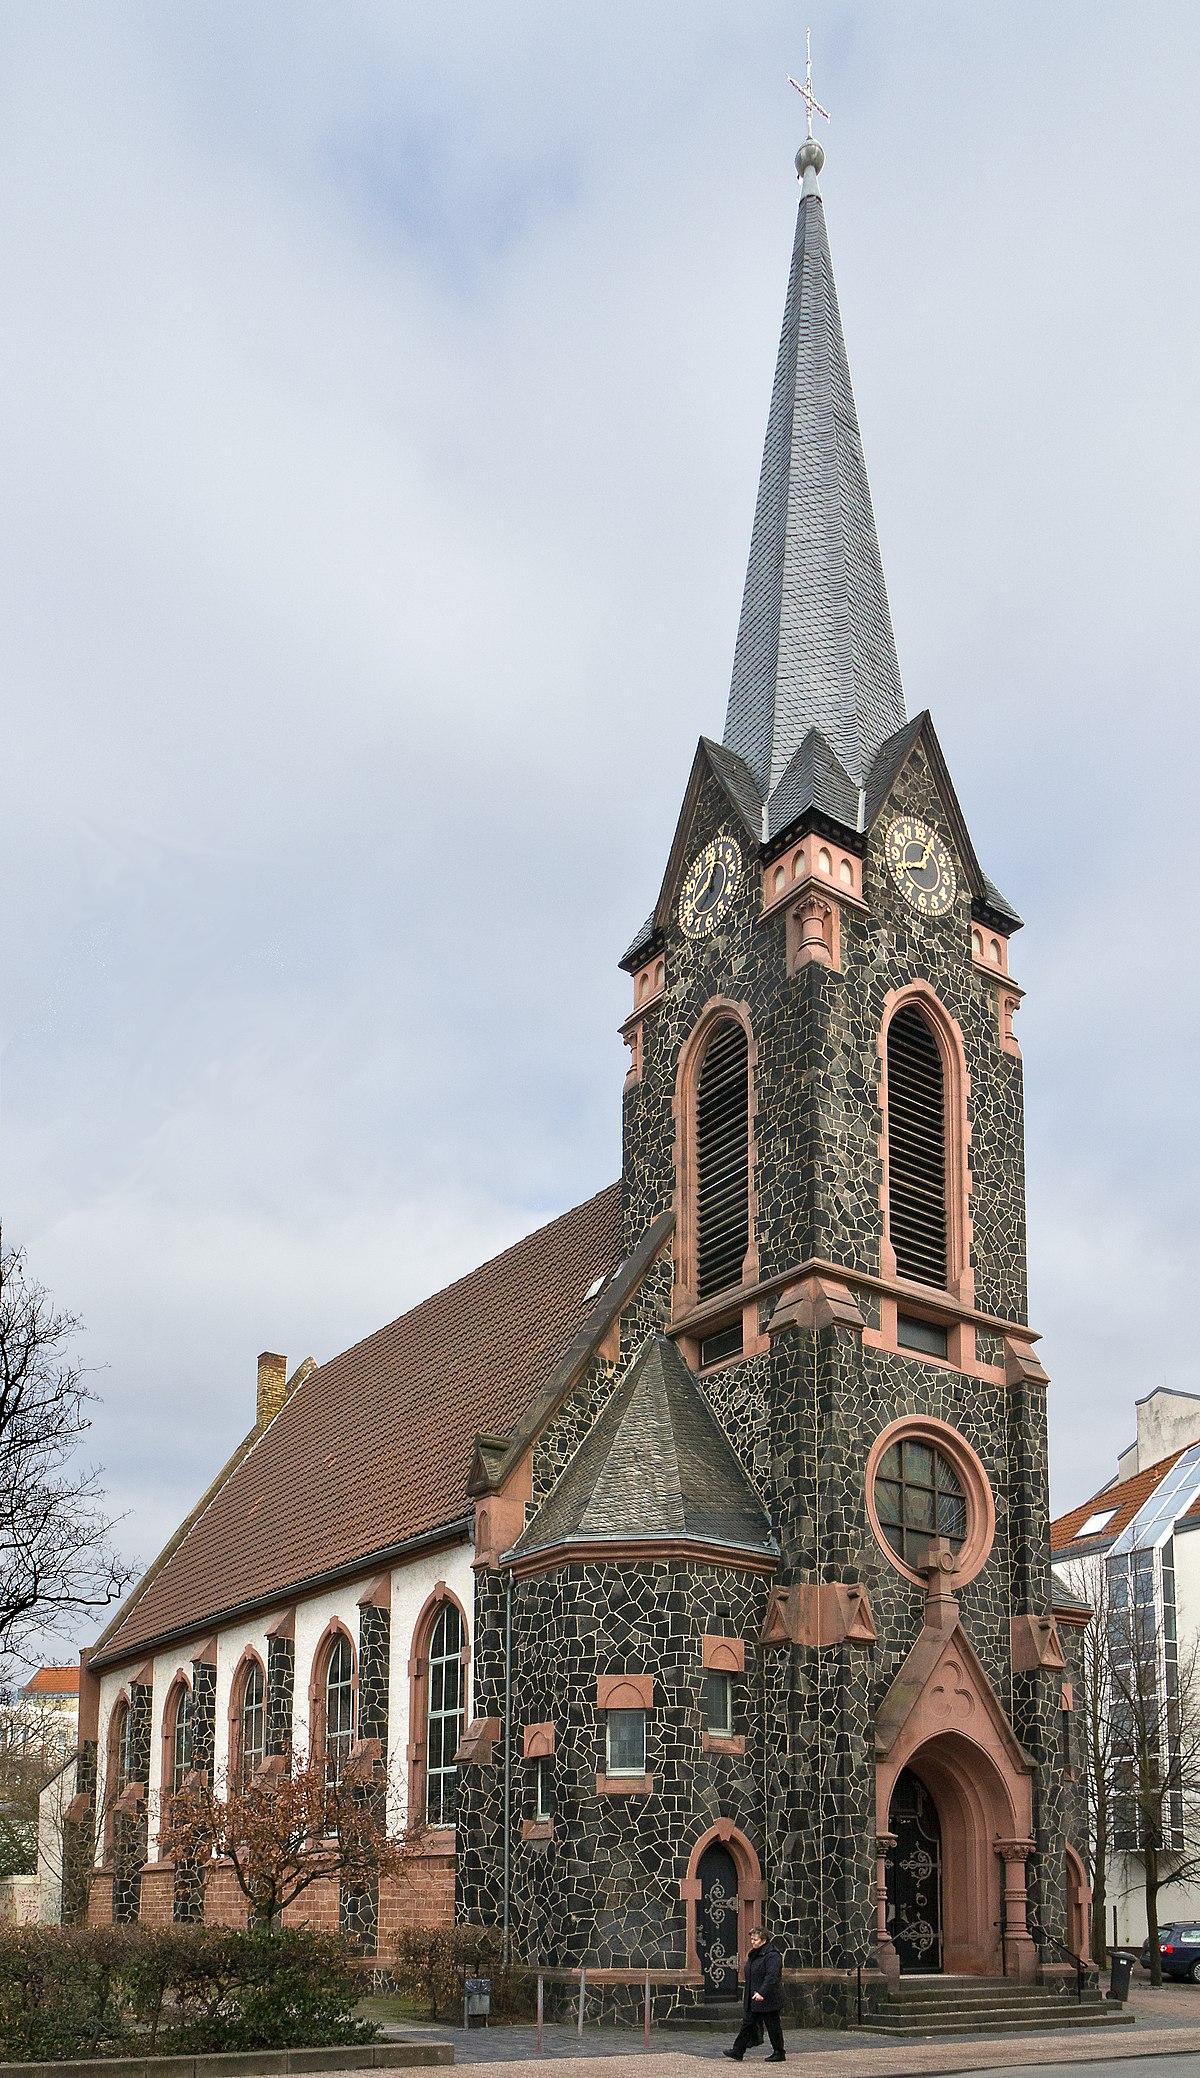 Christuskirche offenbach am main wikipedia for Werbeagentur offenbach am main